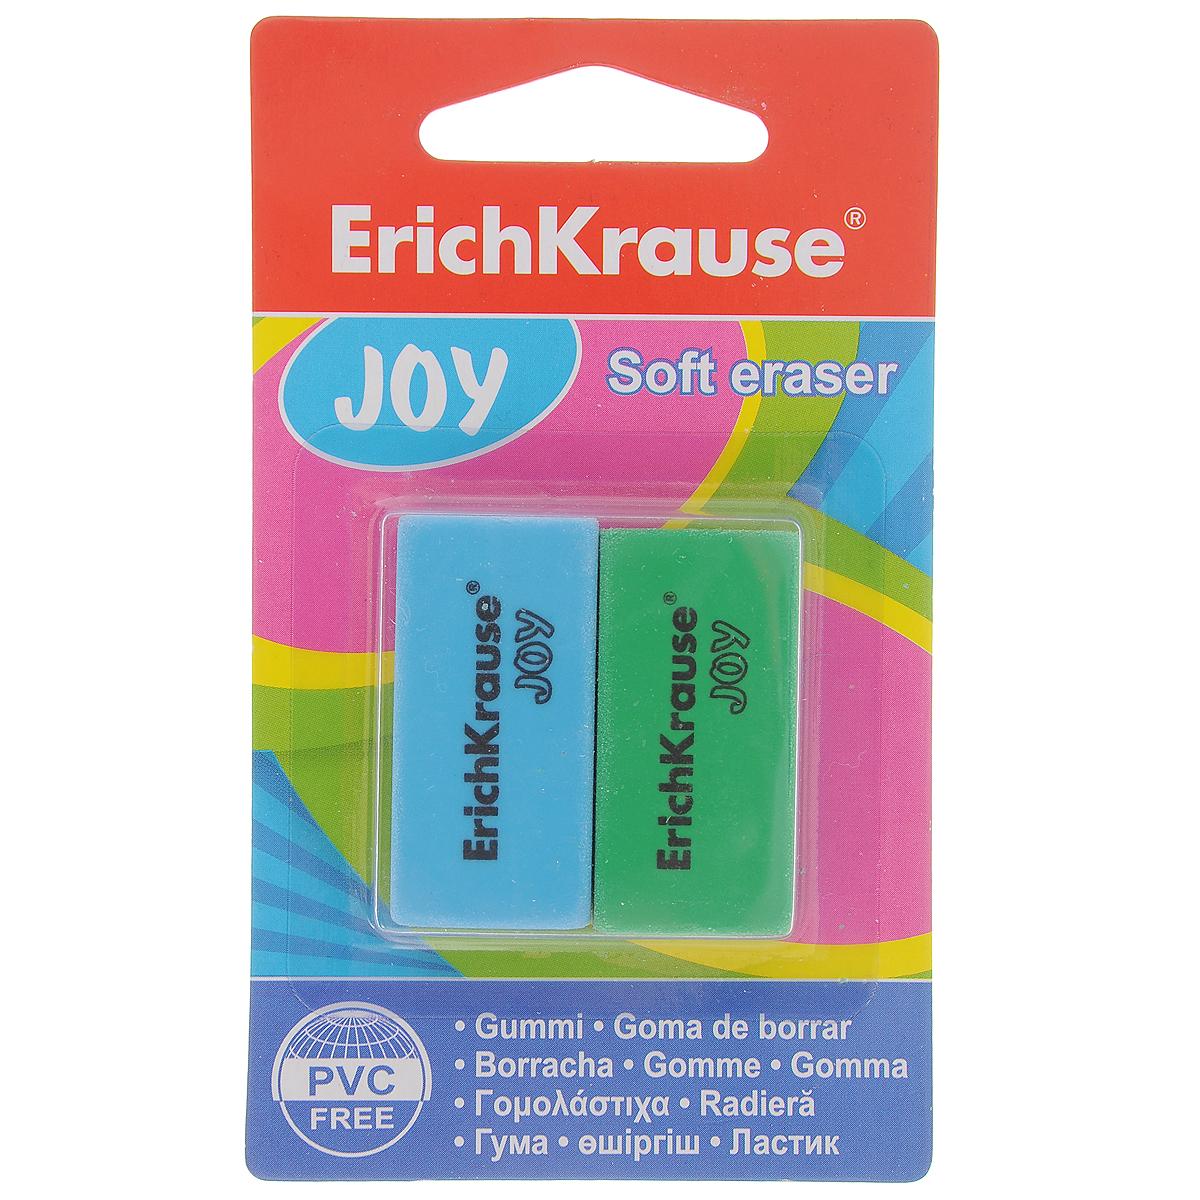 Набор ластиков Erich Krause Joy, 2 шт34650Набор ластиков Erich Krause Joyстанет незаменимым аксессуаром на рабочем столе не только школьника или студента, но и офисного работника. Он прекрасно удаляет линии, оставленные карандашами. При стирании стружка от ластика скатывается в единый комок, а не рассыпается по всей поверхности бумаги. В комплекте два ластика.